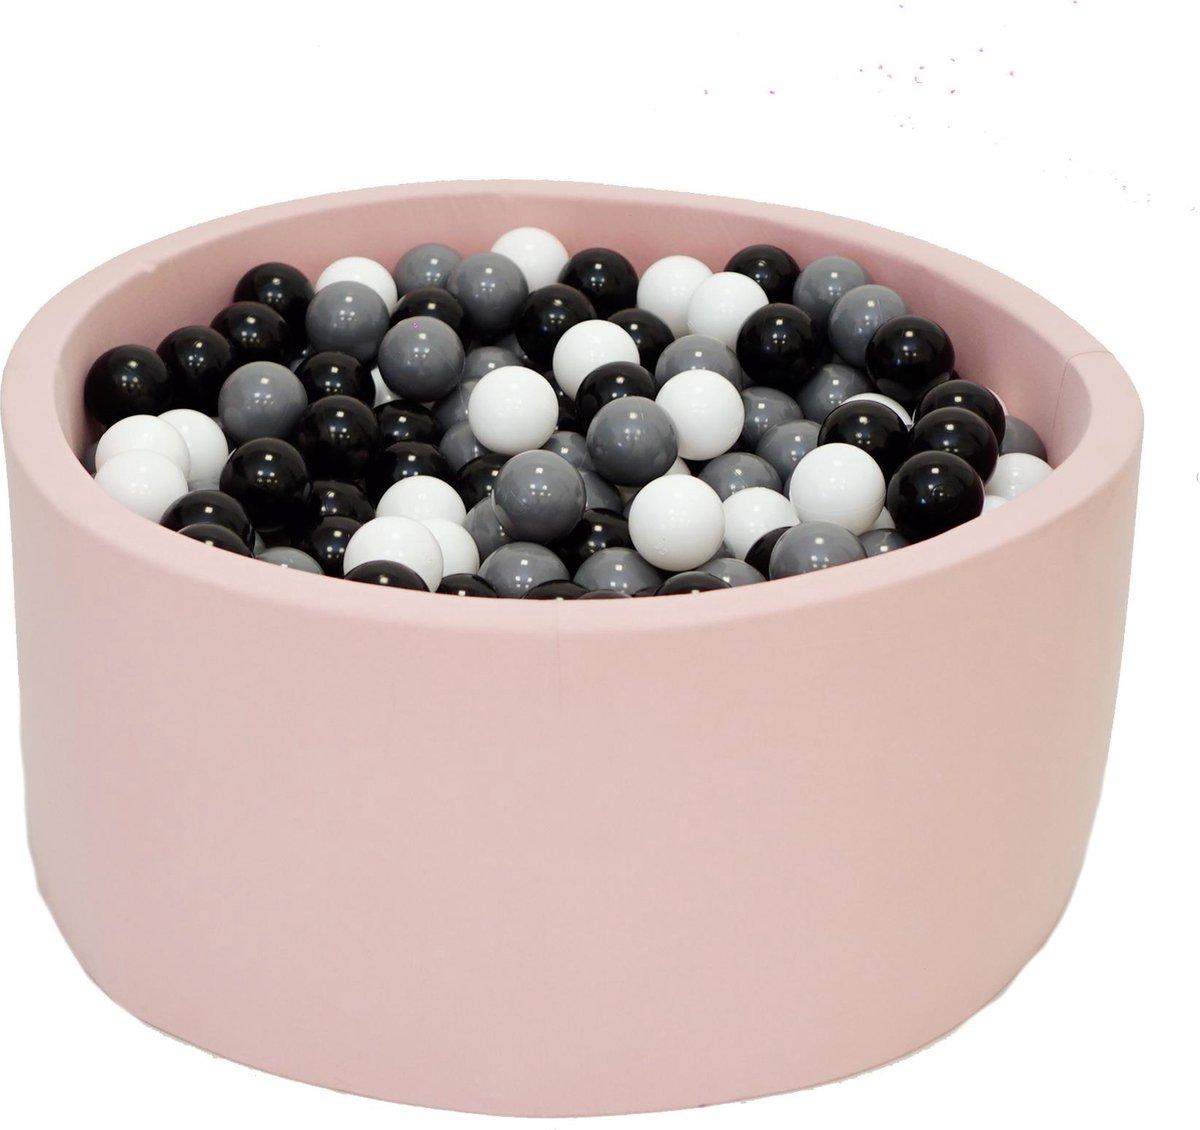 Ballenbak Roze 90x40 met 250 ballen Zwart, Wit, Grafiet Zwart